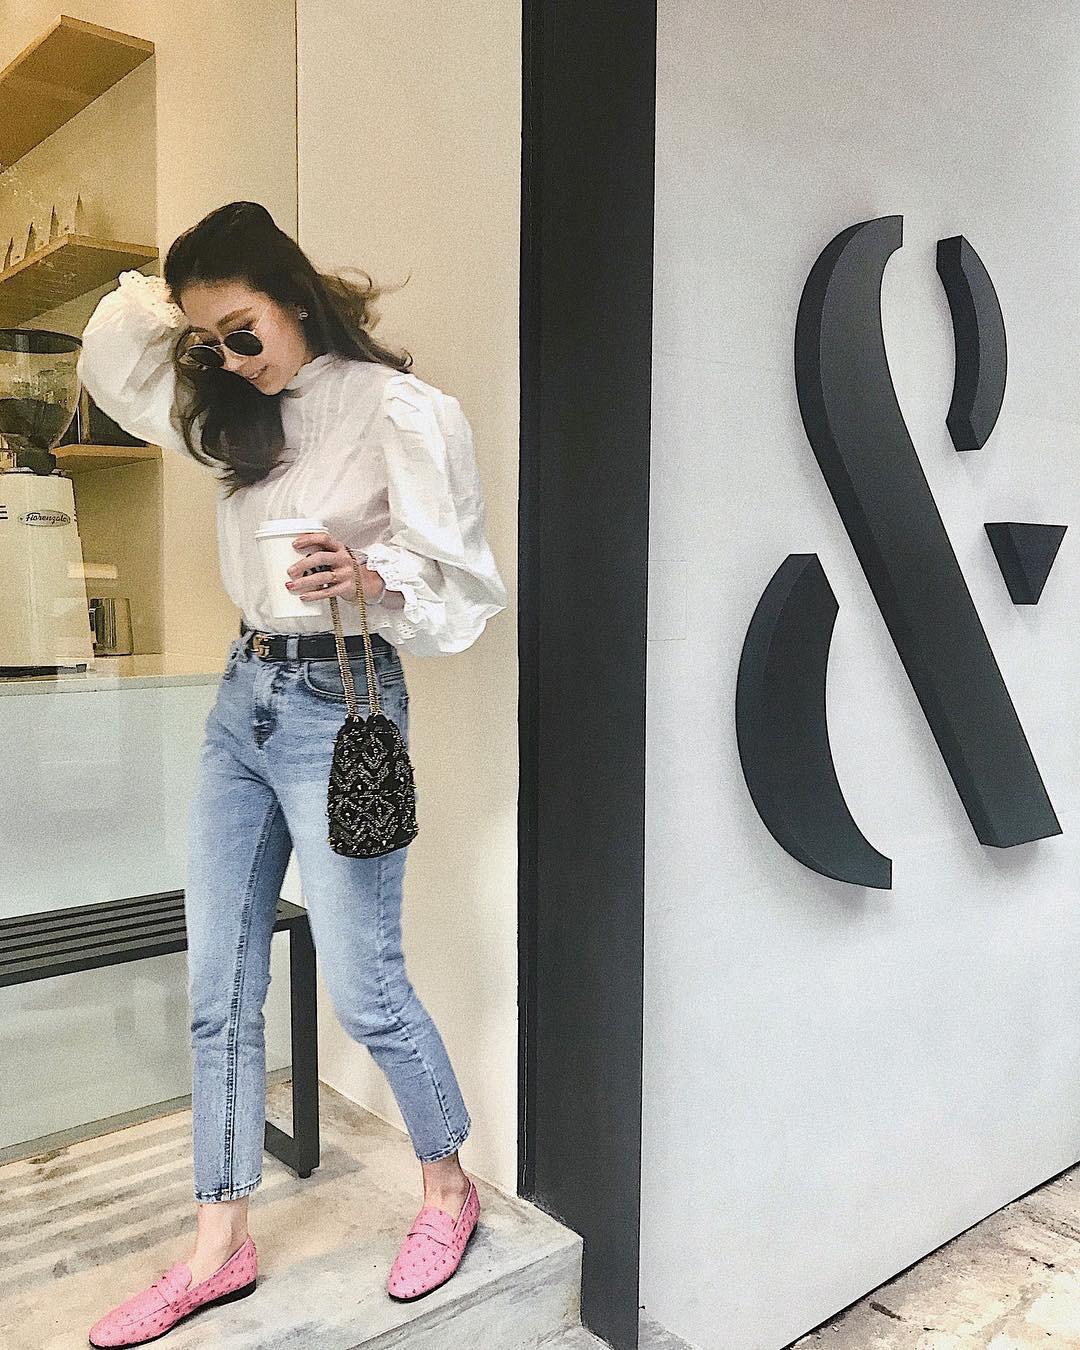 Đừng nghĩ mặc jeans là không điệu được, cứ nhìn các nàng blogger lên đồ cực xinh qua 15 set đồ này sẽ biết ngay - Ảnh 13.